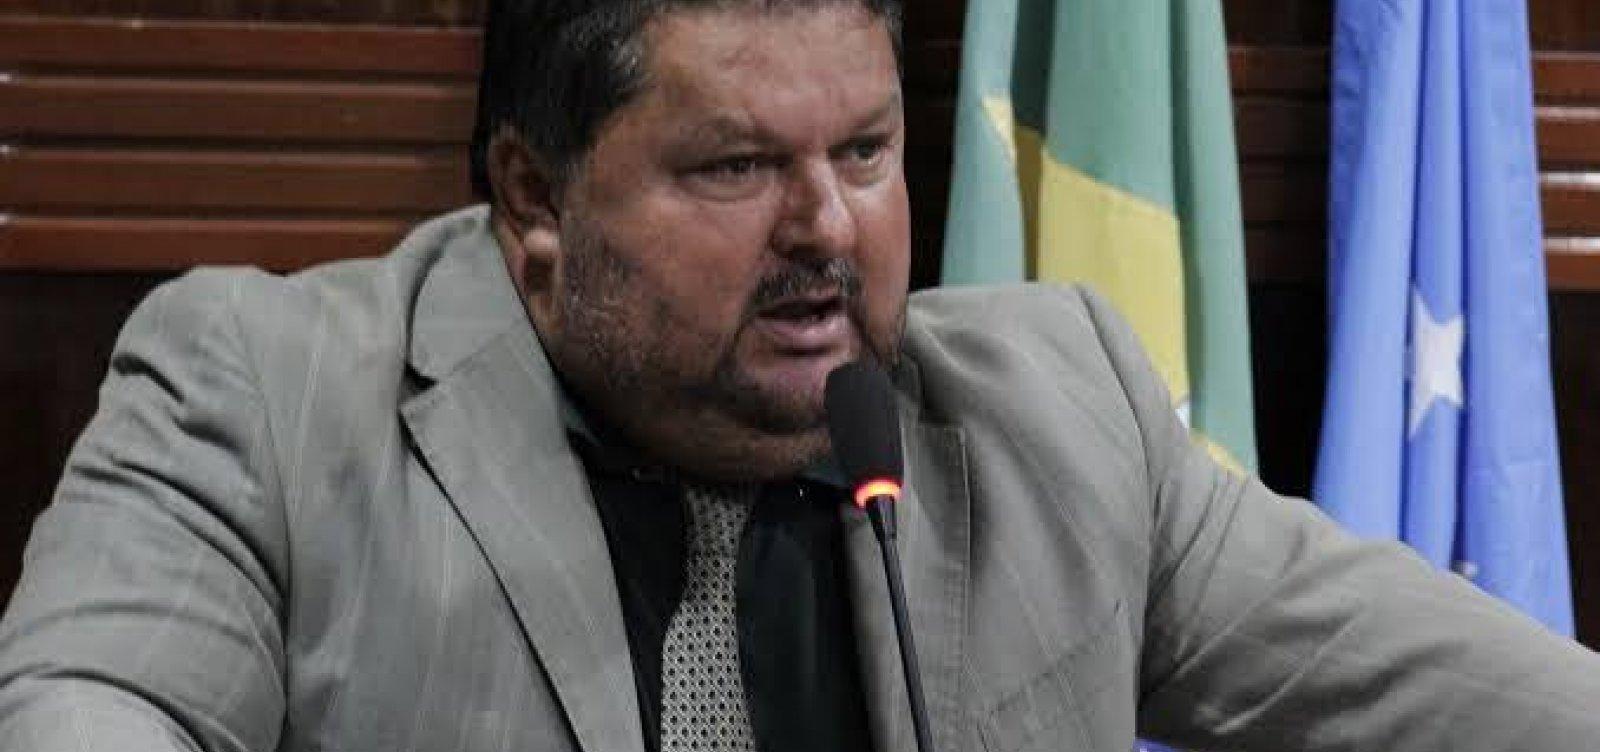 [Dias D'Ávila: Polícia ouve vereadores após áudio de colega apontar 'mensalinho' na Câmara]